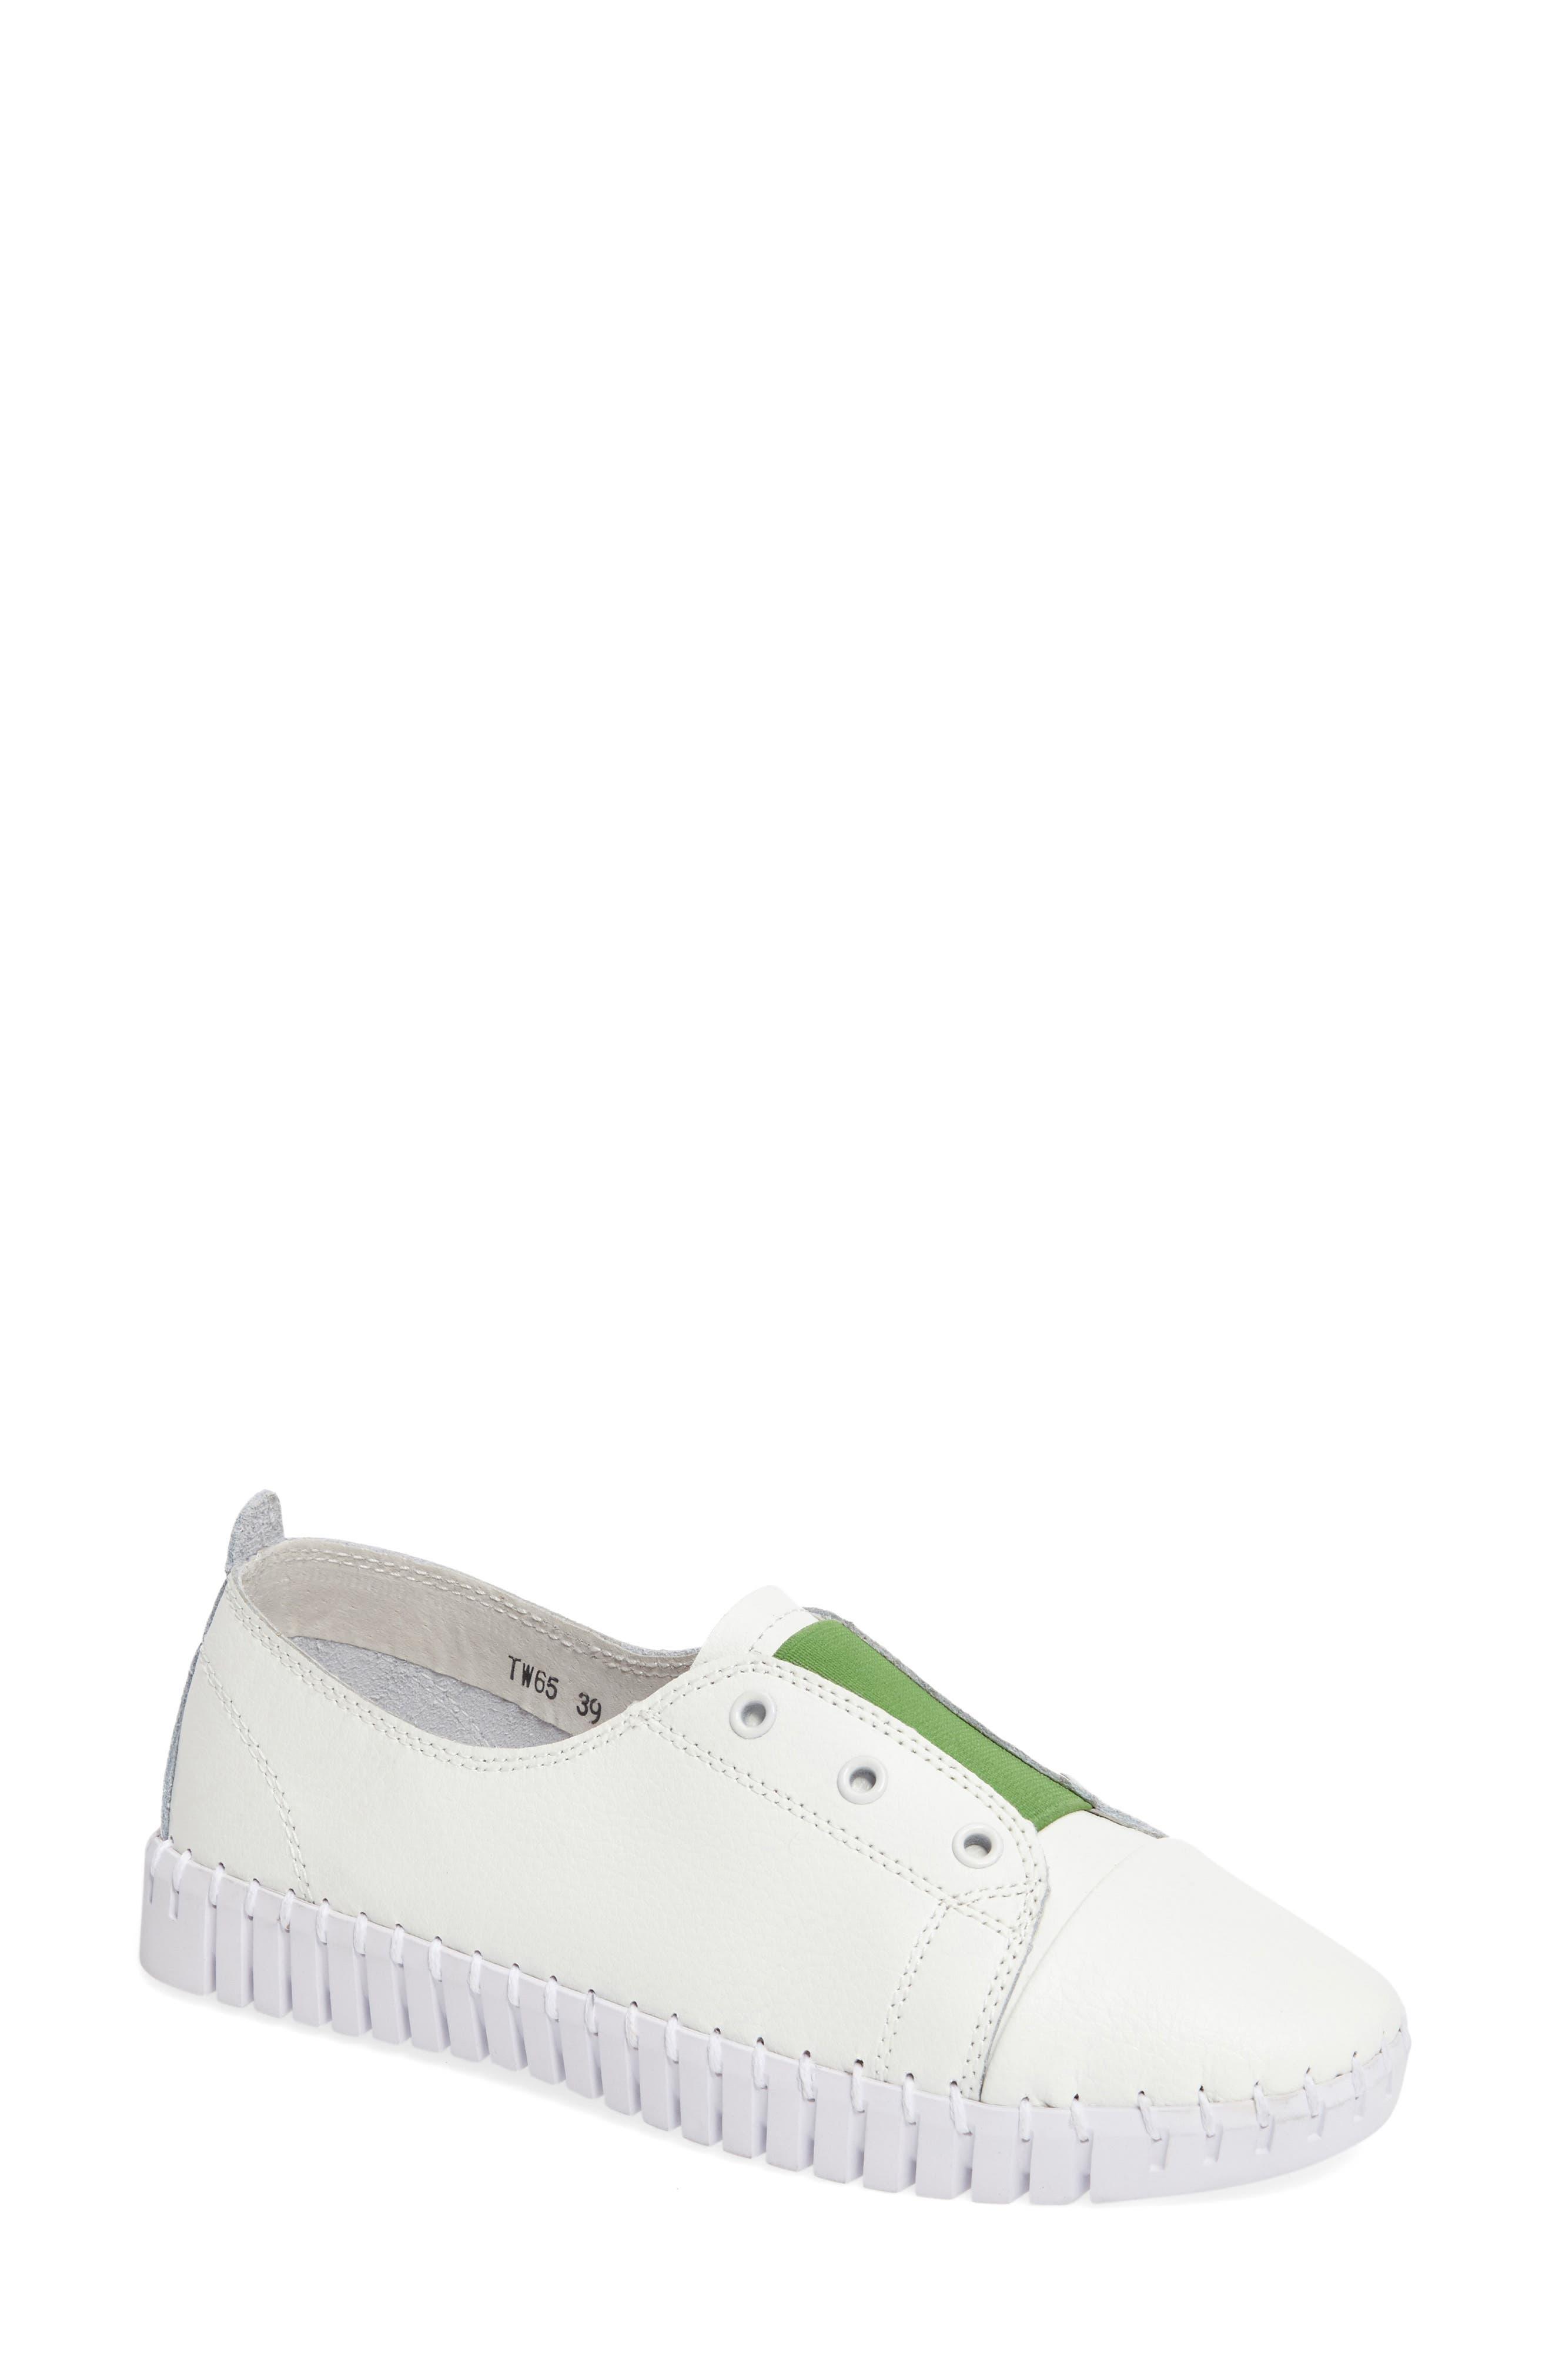 TW65 Slip-On Sneaker,                             Main thumbnail 1, color,                             100